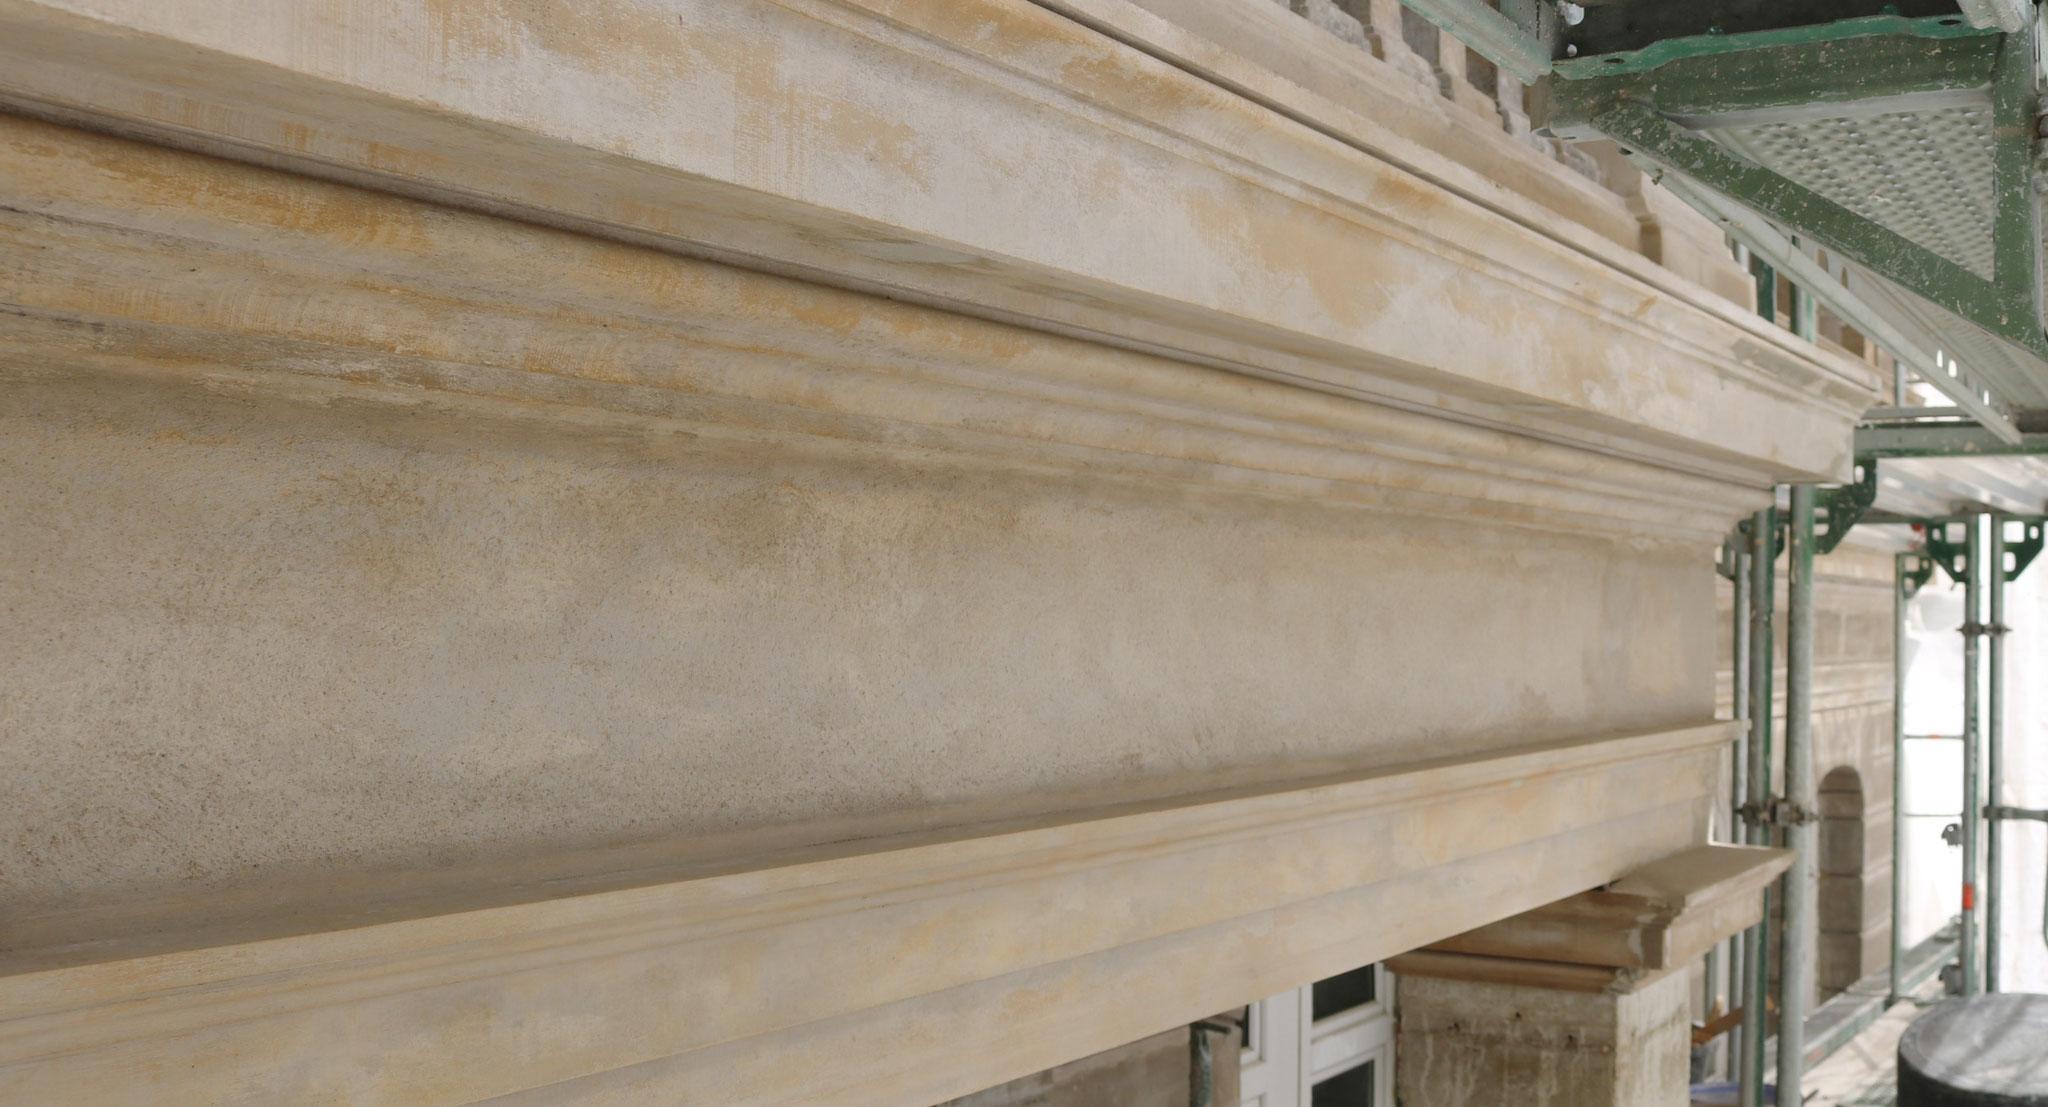 Gezogenes Architrav- und Gurtgesims inkl. Friesputz in Romanzementmörtel